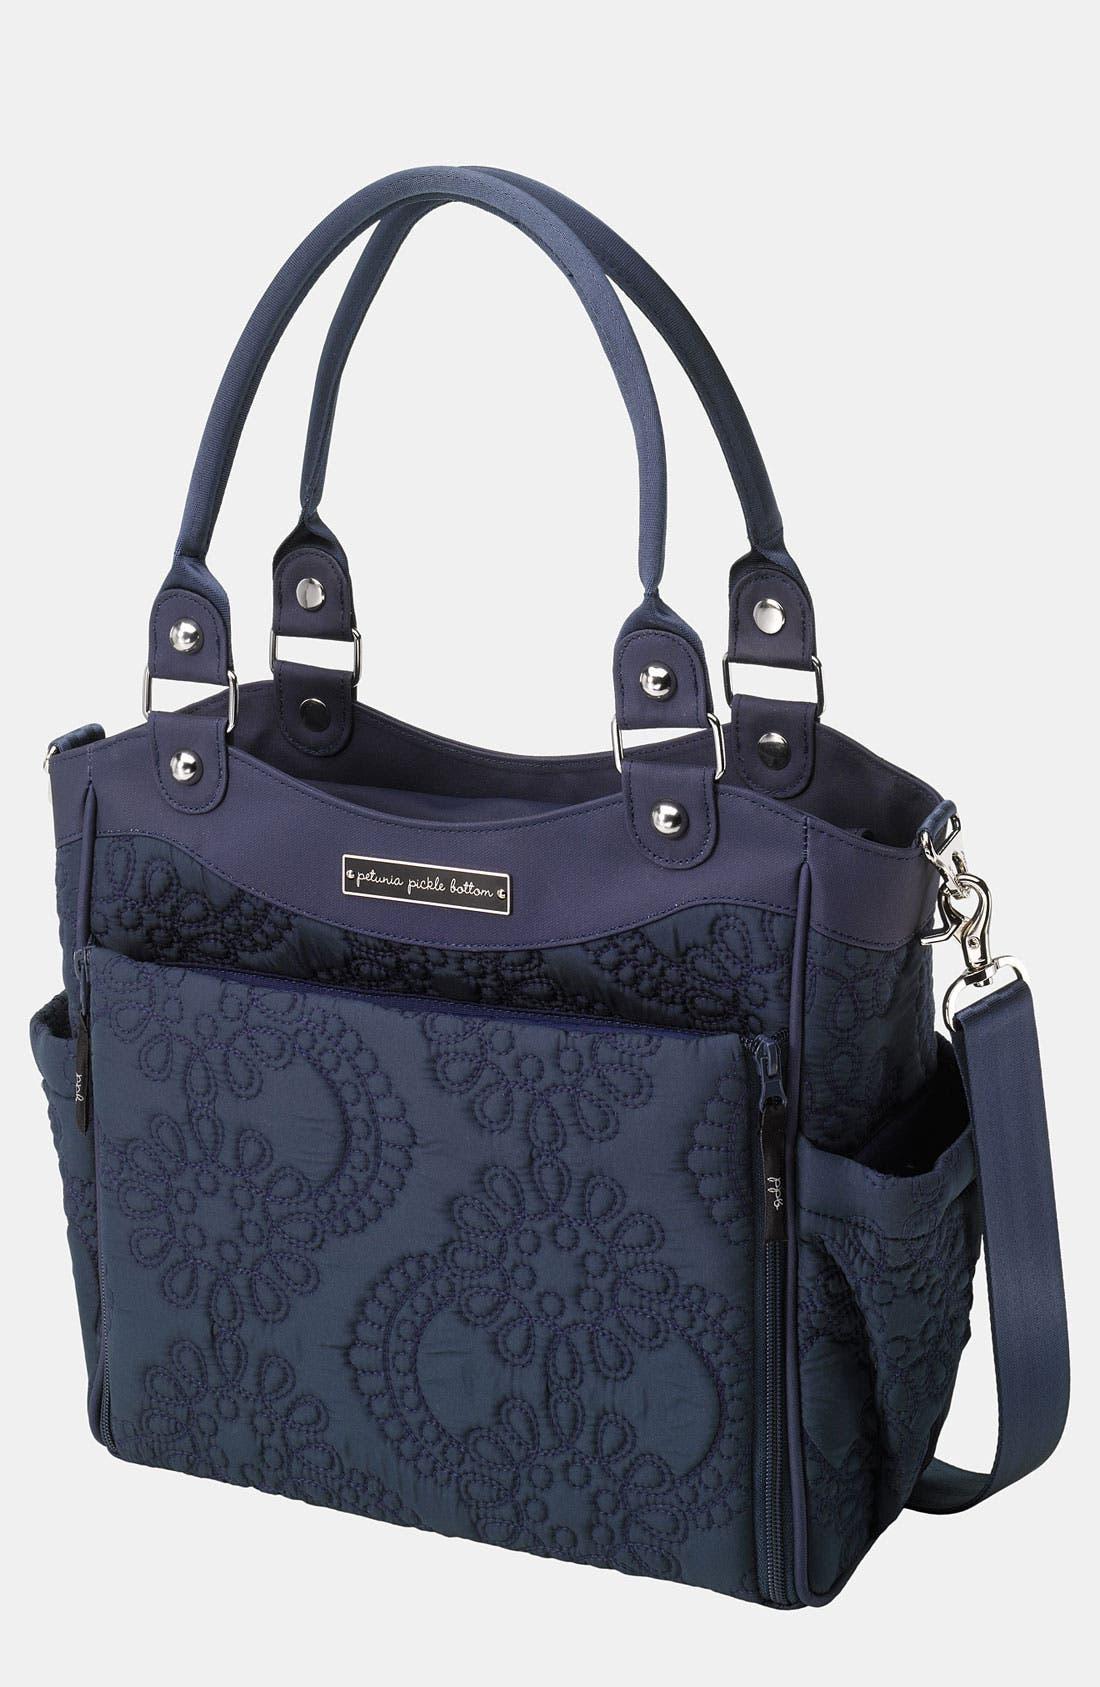 Alternate Image 1 Selected - Petunia Pickle Bottom 'City Carryall' Diaper Bag